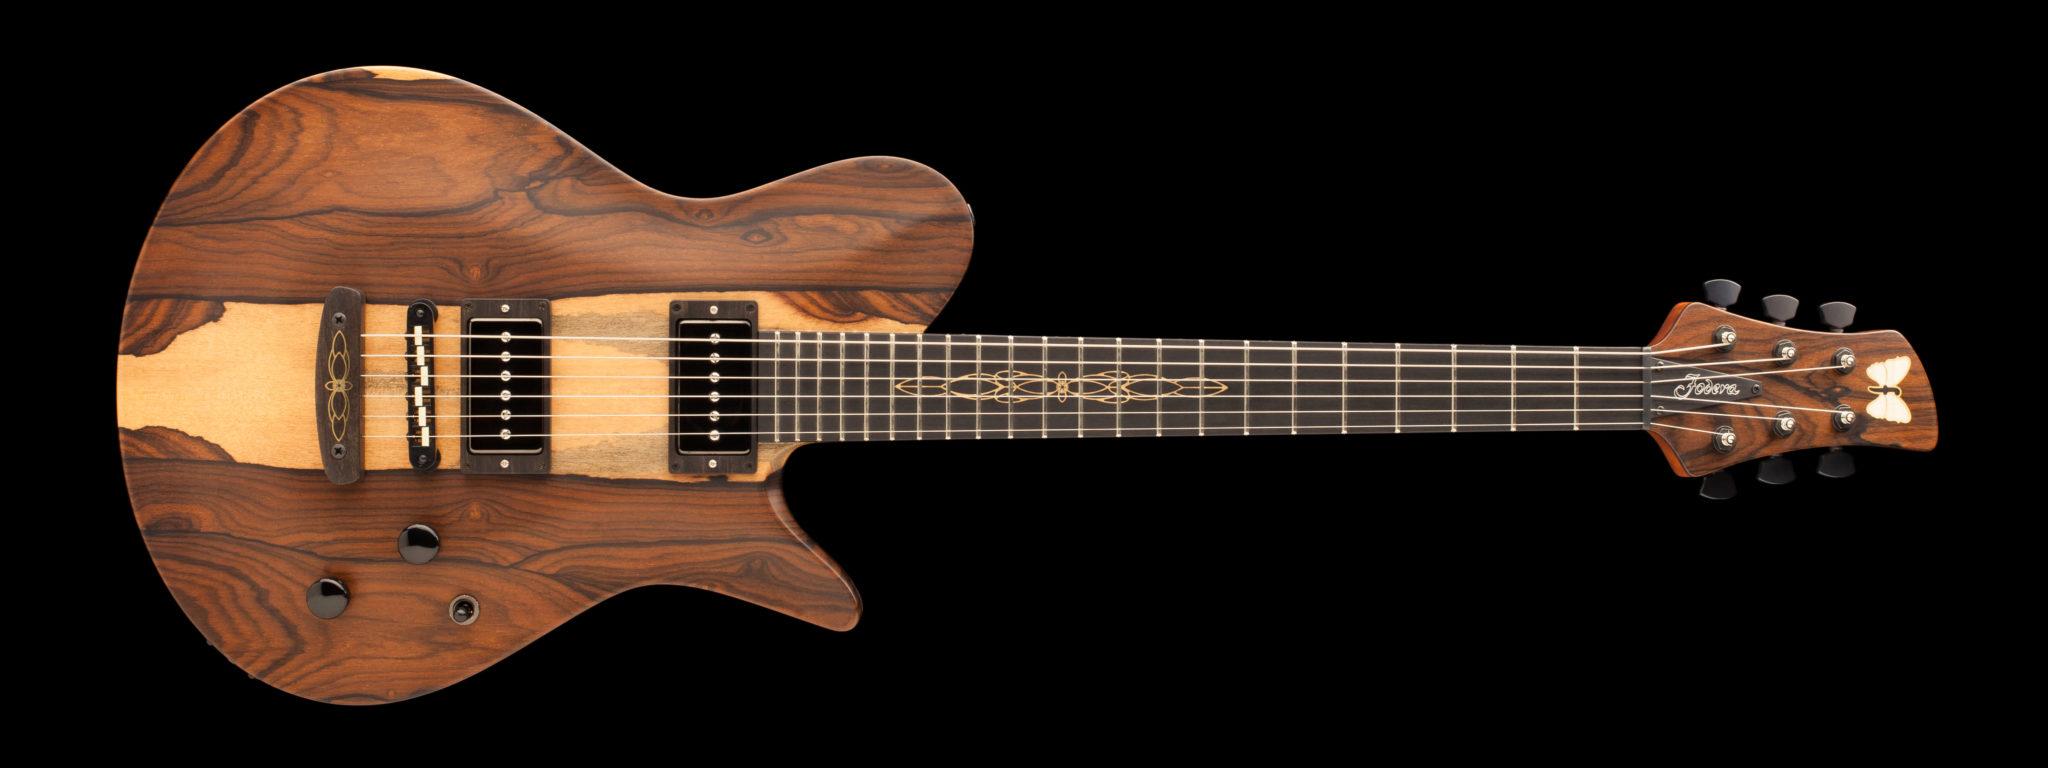 Fodera Introduces The Masterbuilt – Artdeco Guitar At NAMM 2018